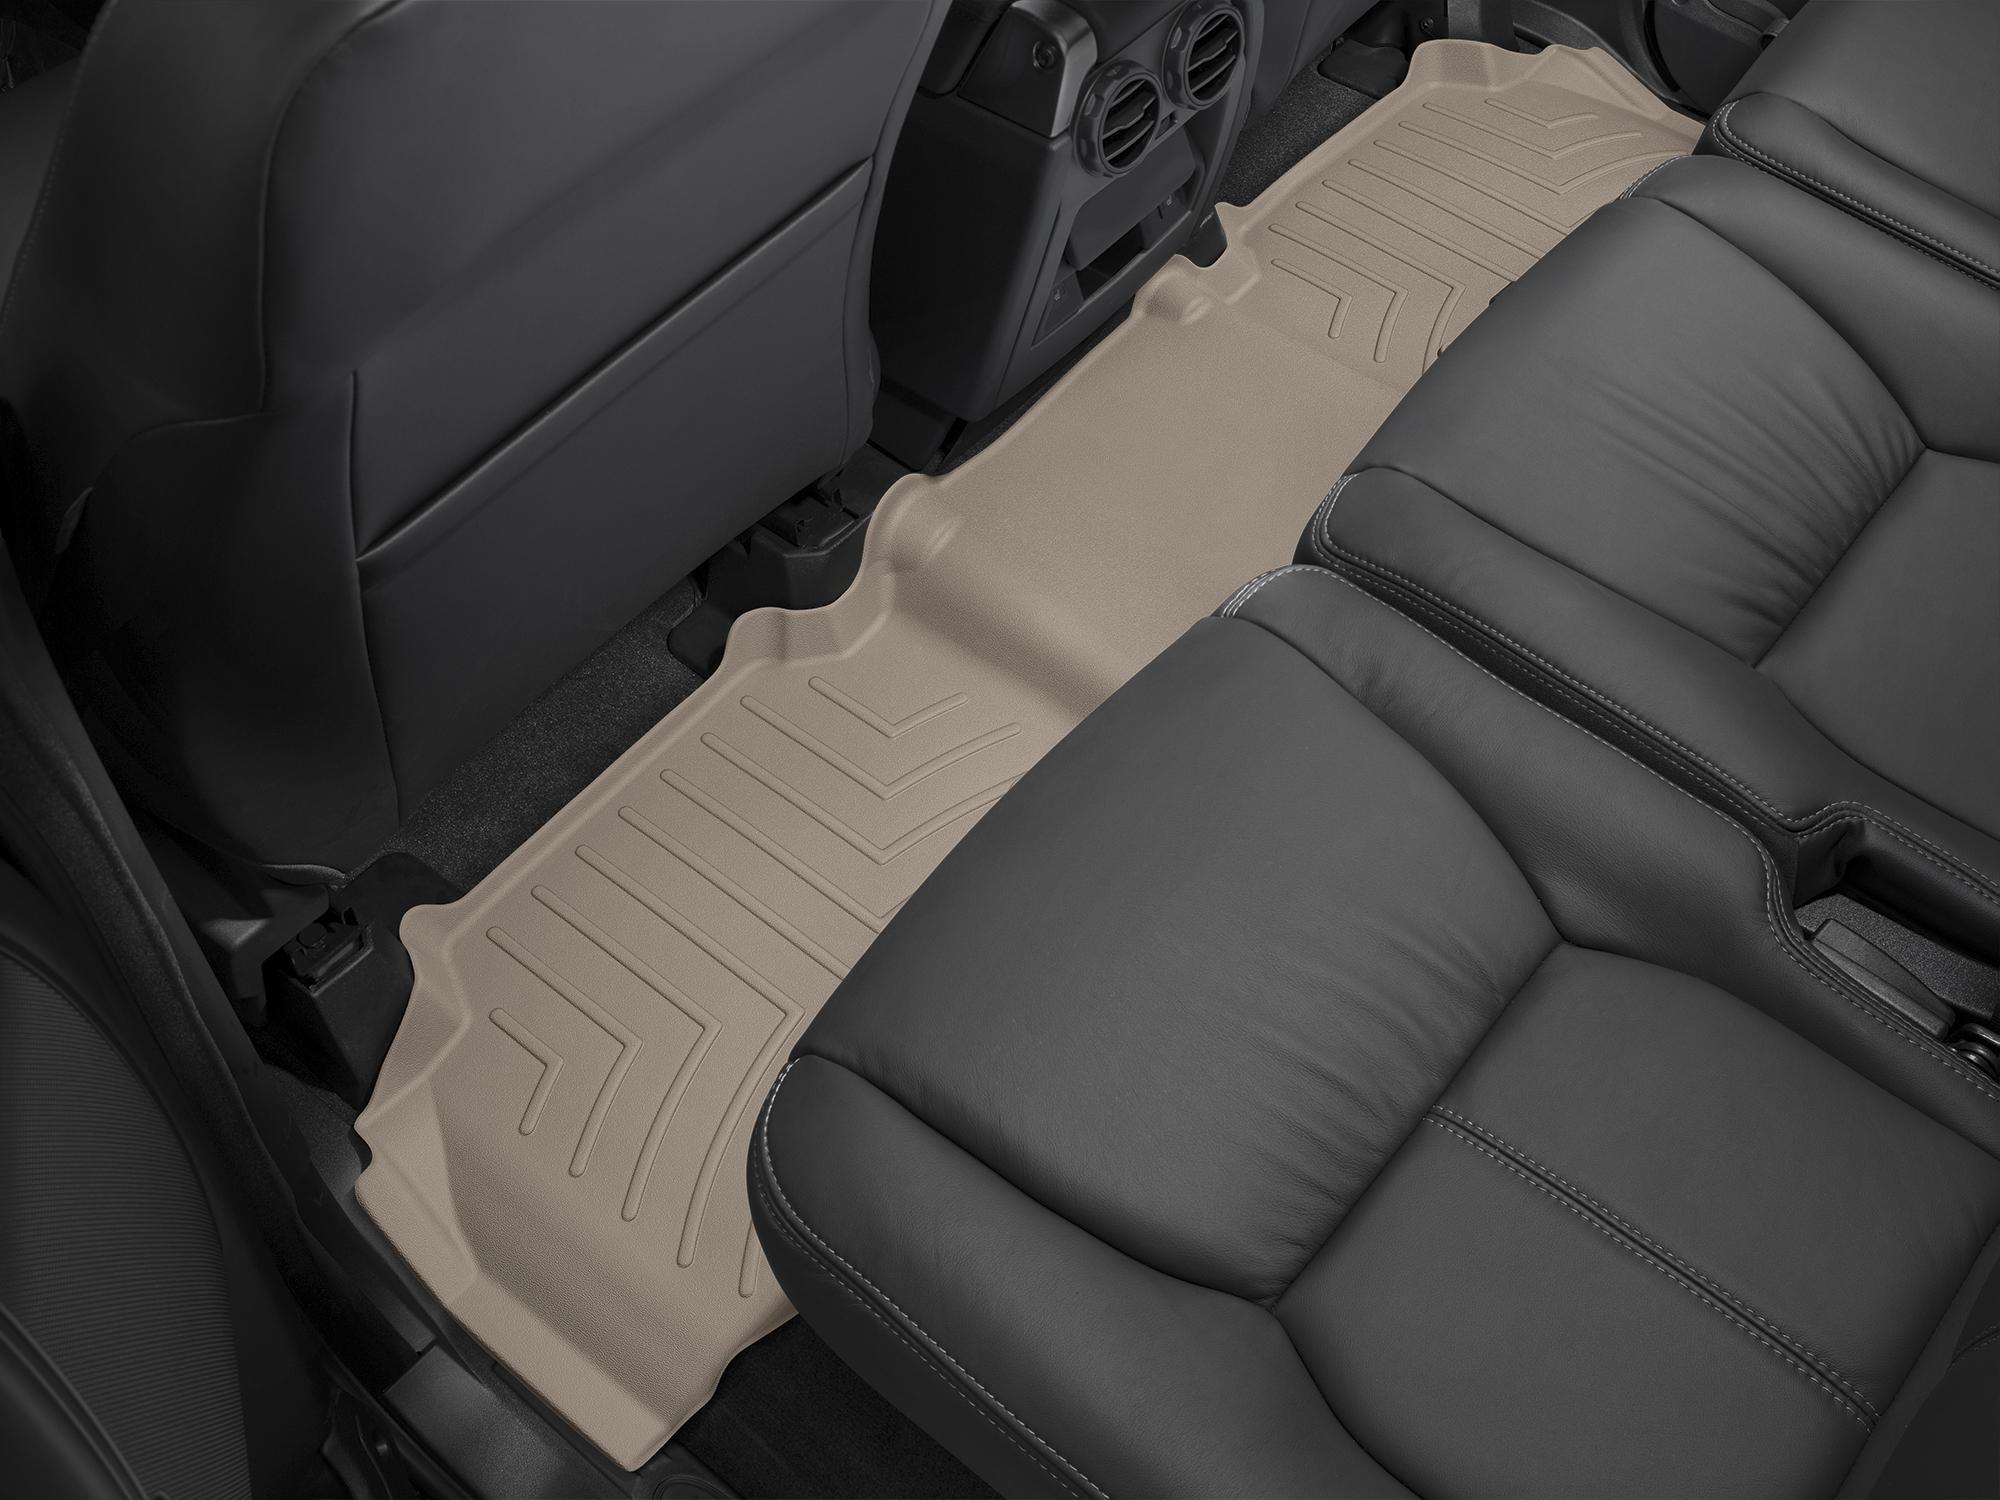 Tappeti gomma su misura bordo alto Land Rover 13>17 Marrone A1984*